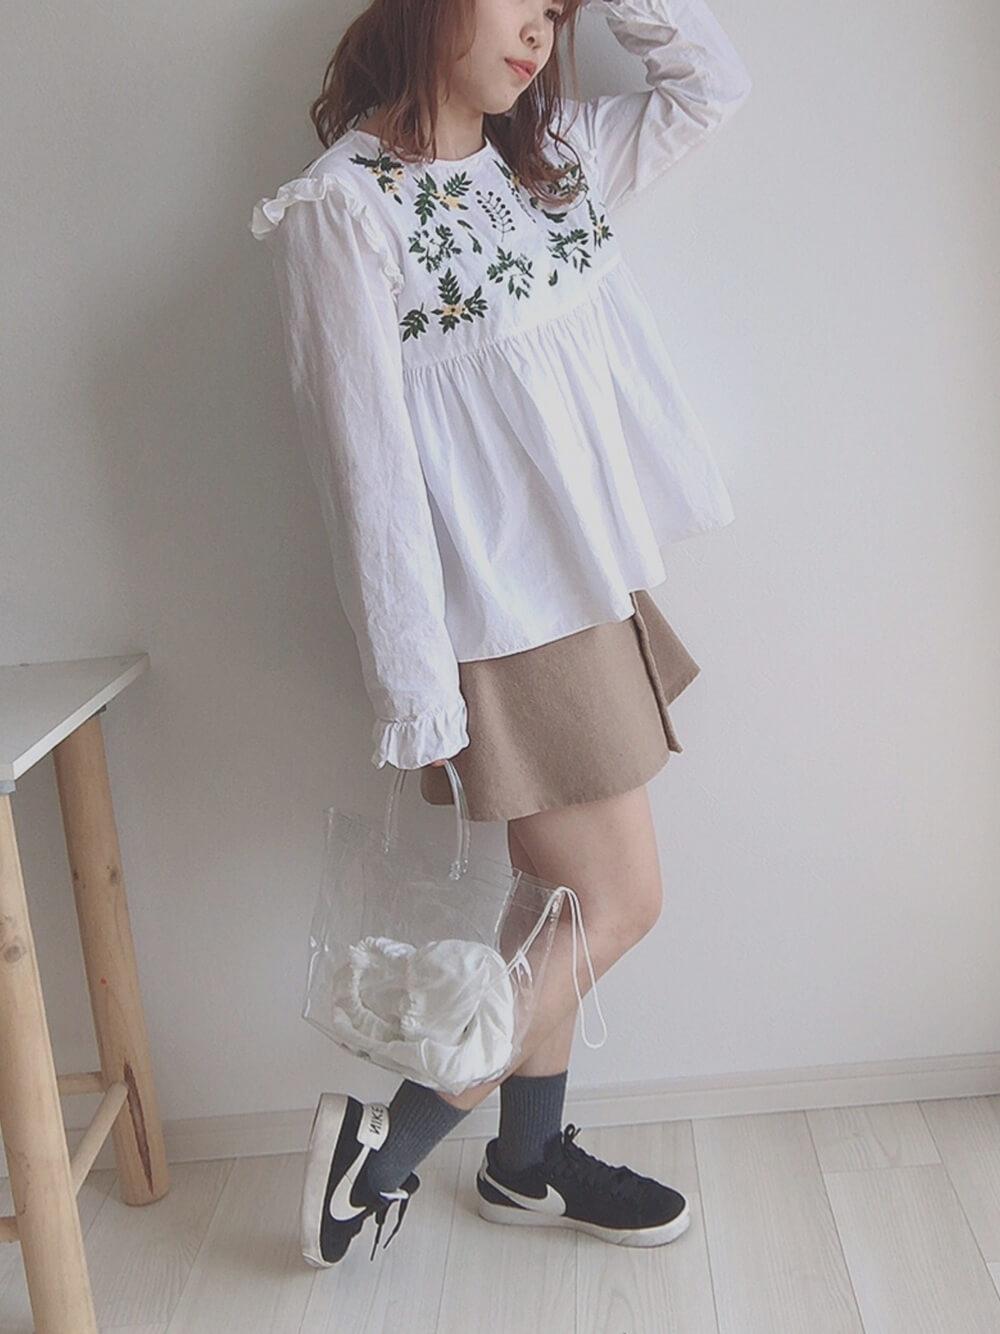 ベージュのミニ丈スカート×白のブラウス